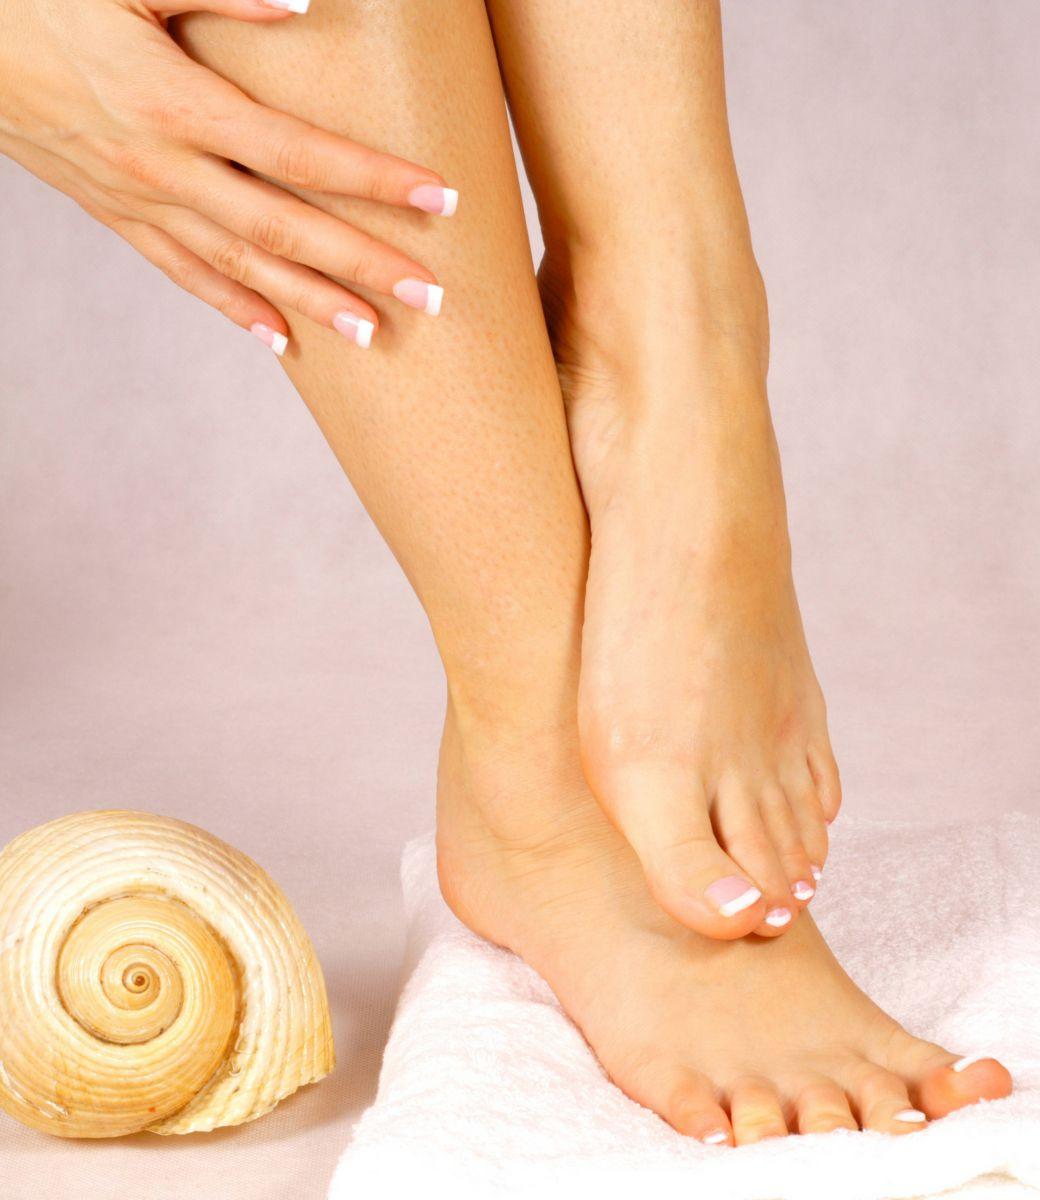 visszerek kezelése az arcon visszér a lábakon nem viszket